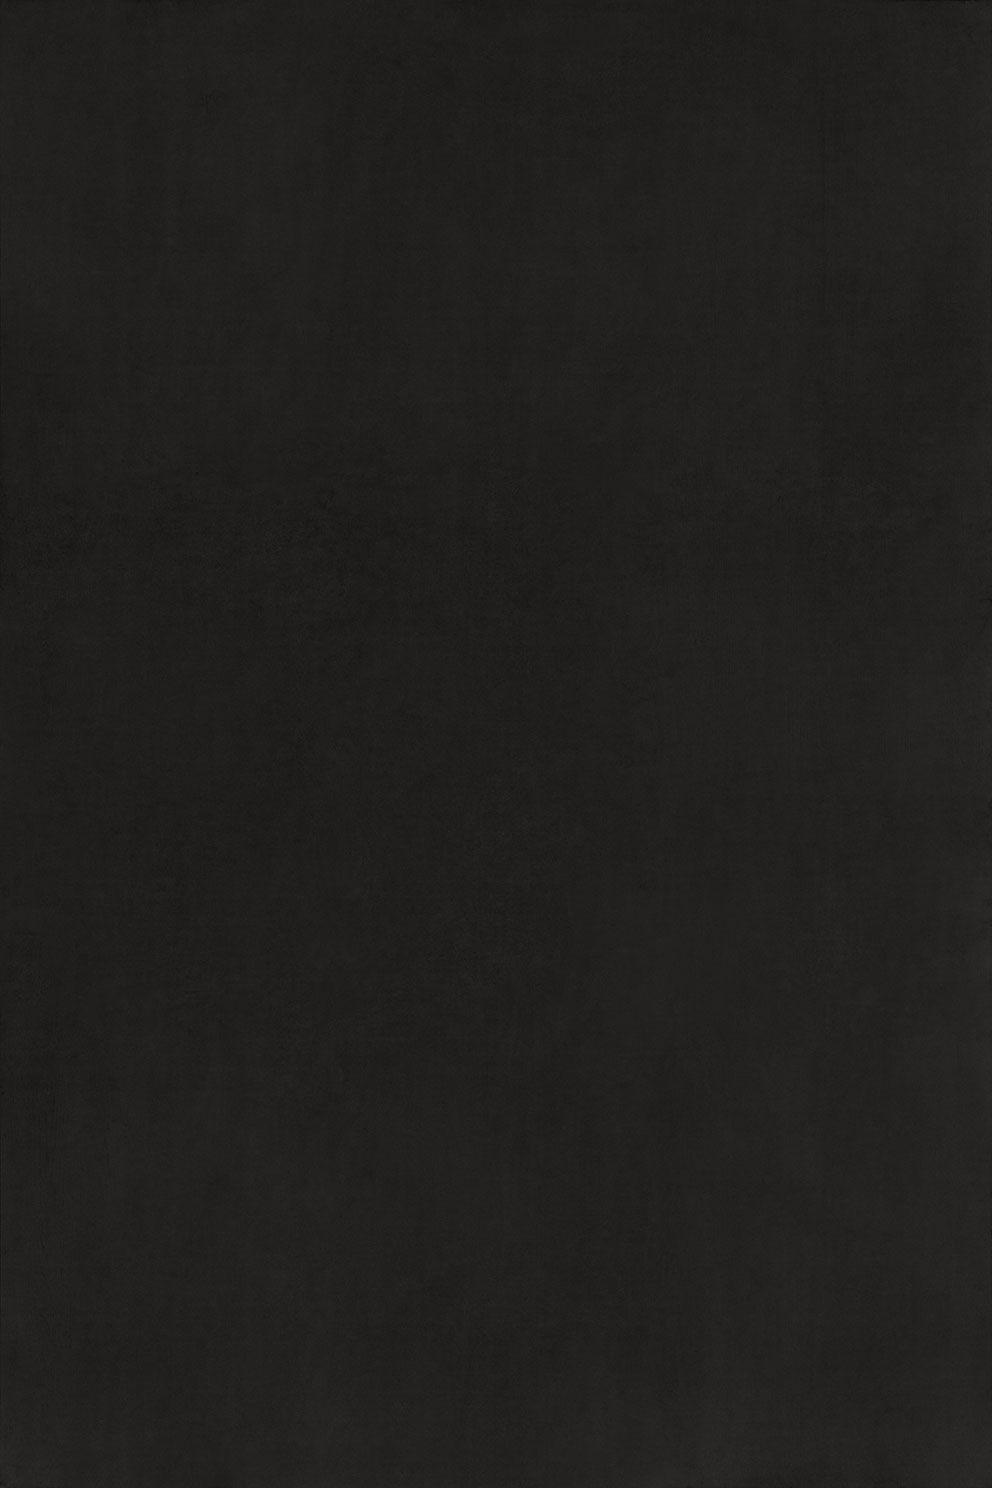 7ea9f8df2 Com textura de carvalho americano, esse painel preto reproduz a madeira  ebanizada. Pode ser